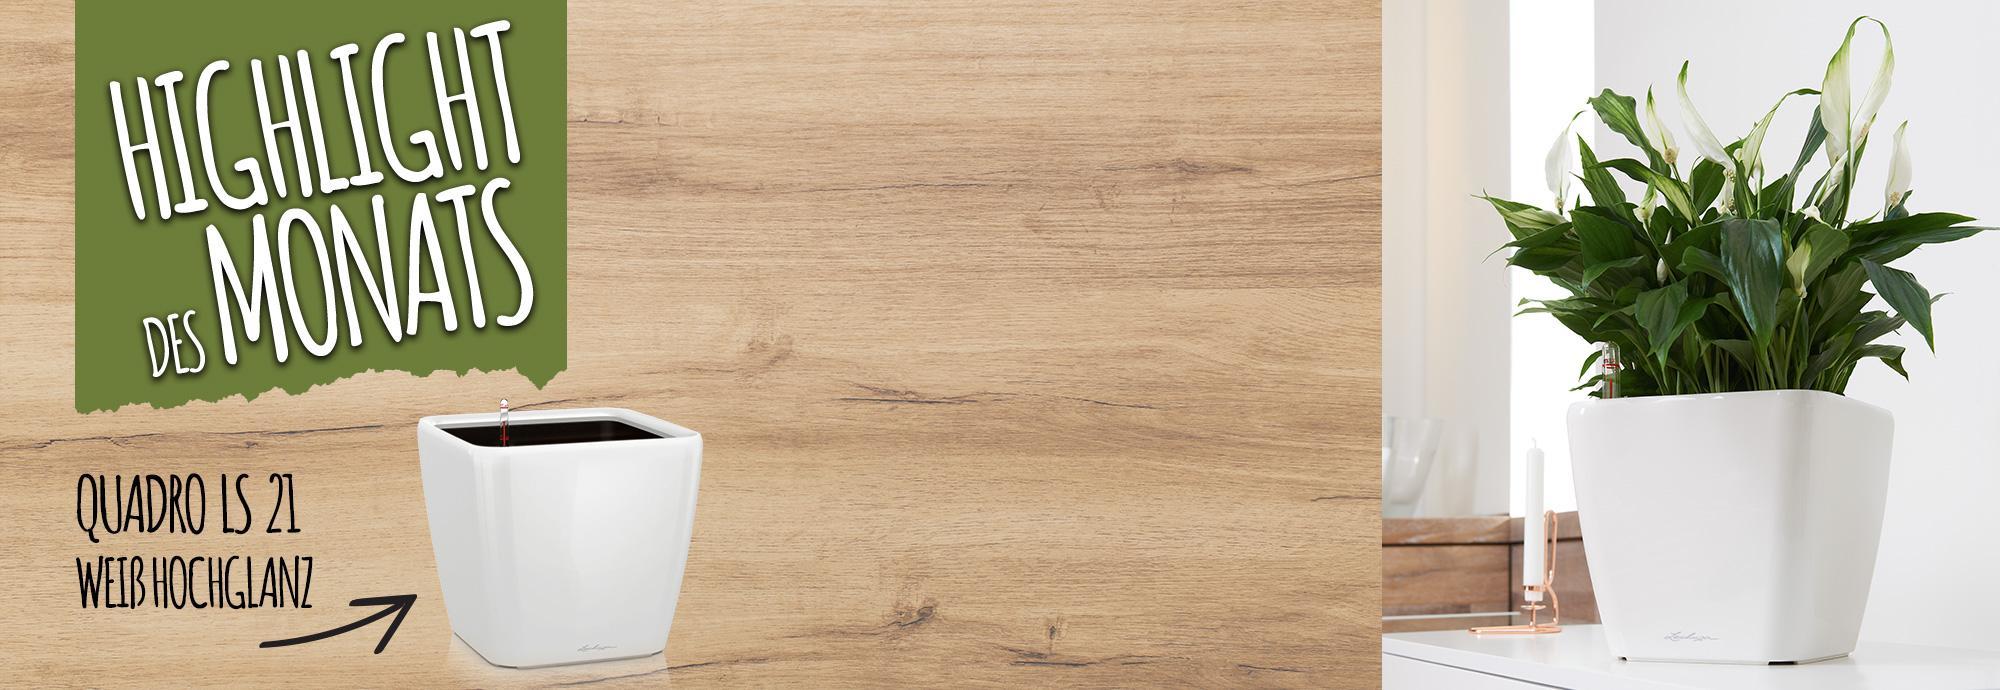 Topseller im Oktober: Sparen Sie 15% beim Kauf von QUADRO LS 21 weiß hochglanz